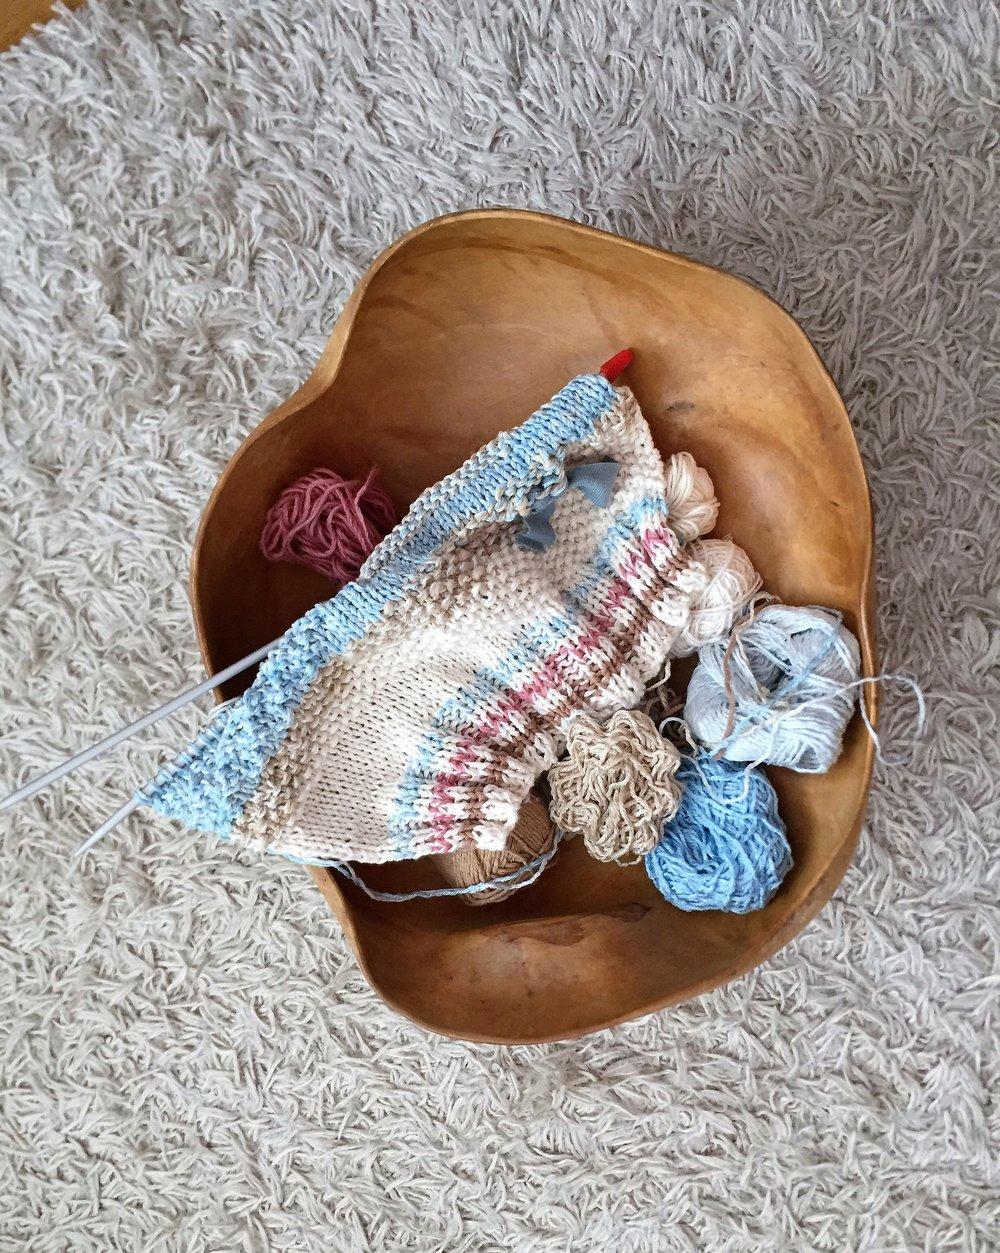 Experimental knit Easy Piece Bybaba in progress (2).jpg